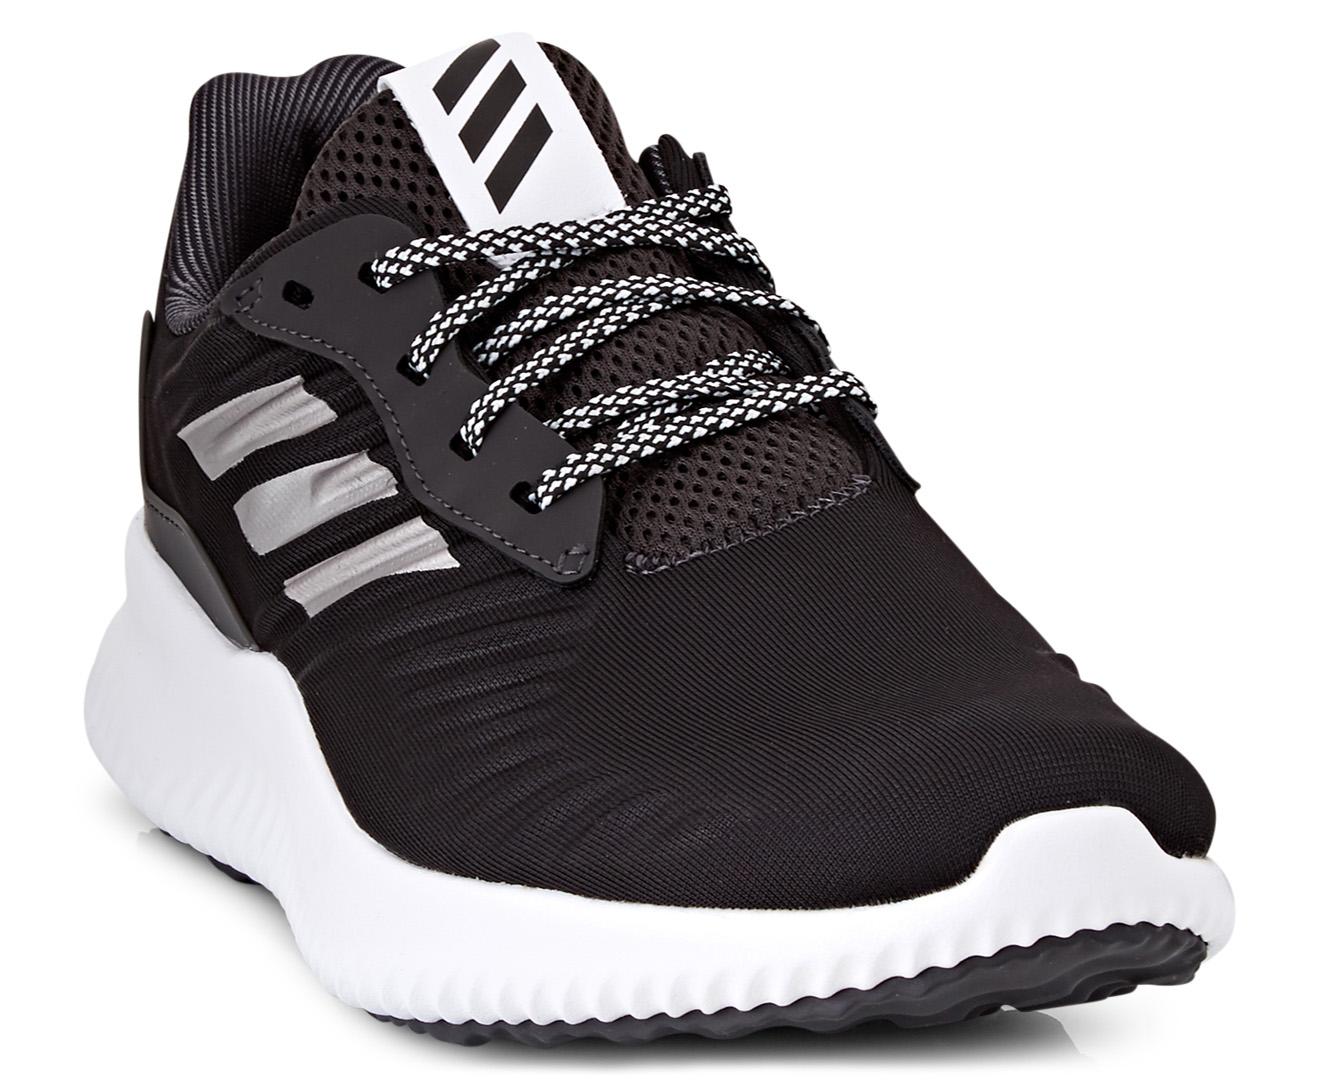 7a0c9dc54 Adidas Men s Alphabounce RC Shoe - Core Black Footwear White Utility Black